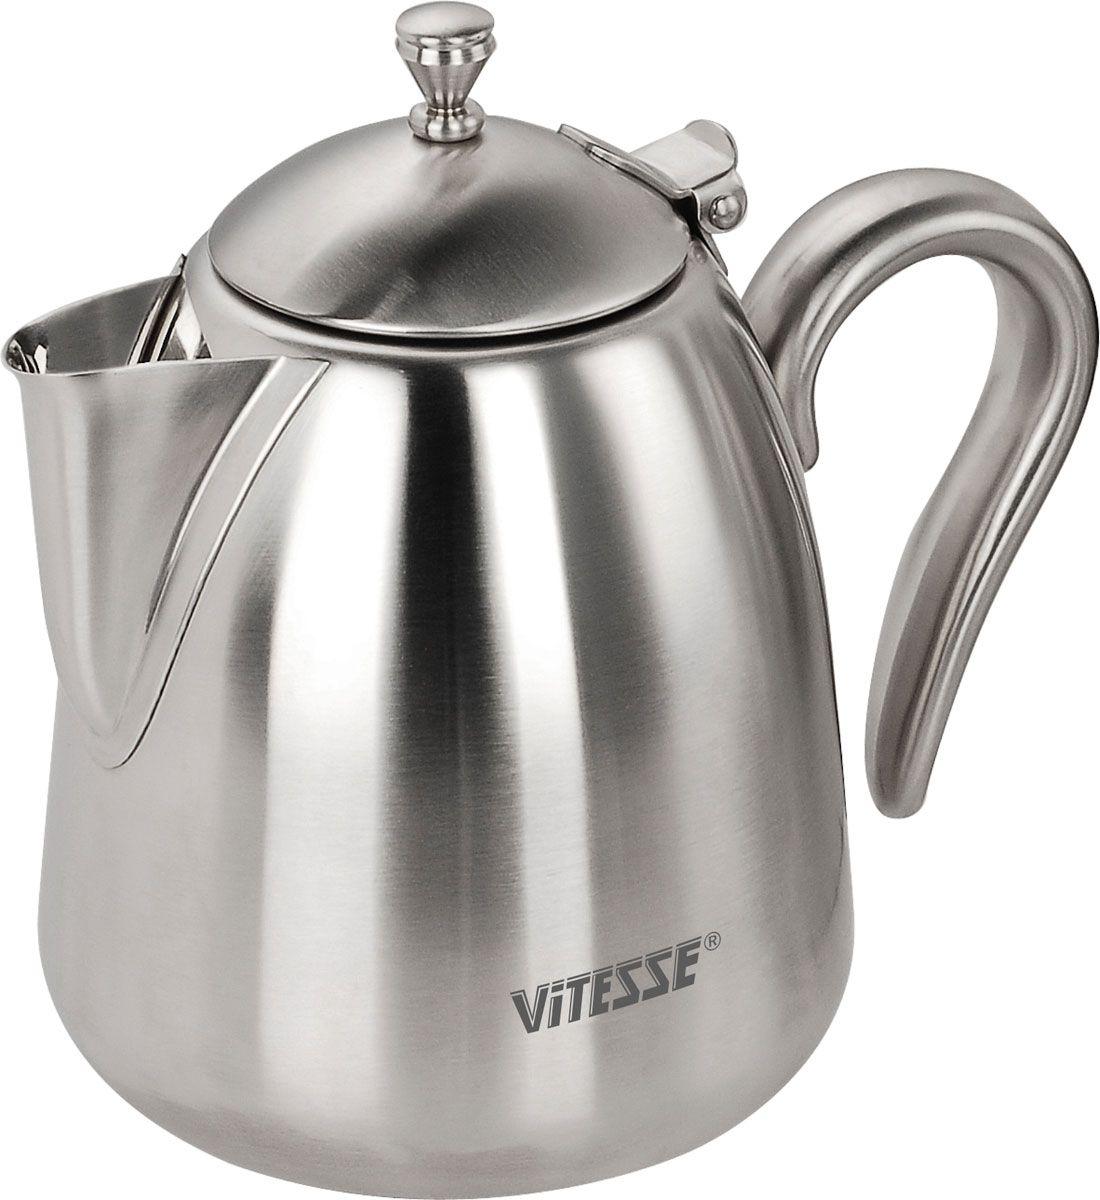 Чайник заварочный Vitesse Bryttany, с ситечком, 1 л94672Заварочный чайник Vitesse Bryttany, выполненный из высококачественной нержавеющей стали 18/10 с зеркальной полировкой, предоставит вам все необходимые возможности для успешного заваривания чая. Чай в таком чайнике дольше остается горячим, а полезные и ароматические вещества полностью сохраняются в напитке. Чайник имеет вынимающийся фильтр-ситечко, что делает его чрезвычайно удобным в использовании.Эстетичный и функциональный, с эксклюзивным дизайном, чайник будет оригинально смотреться в любом интерьере. Чайник пригоден для мытья в посудомоечной машине. Характеристики:Материал:нержавеющая сталь. Объем чайника:1,0 л. Высота чайника (без учета крышки):13,5 см. Диаметр основания чайника:11 см. Размер упаковки:17,5 см х 15,5 см х 13,5 см.Артикул:VS-1896. Кухонная посуда марки Vitesseиз нержавеющей стали 18/10 предоставит Вам все необходимое для получения удовольствия от приготовления пищи и принесет радость от его результатов. Посуда Vitesse обладает выдающимися функциональными свойствами. Легкие в уходе кастрюли и сковородки имеют плотно закрывающиеся крышки, которые дают возможность готовить с малым количеством воды и экономией энергии, и идеально подходят для всех видов плит: газовых, электрических, стеклокерамических и индукционных. Конструкция дна посуды гарантирует быстрое поглощение тепла, его равномерное распределение и сохранение. Великолепно отполированная поверхность, а также многочисленные конструктивные новшества, заложенные во все изделия Vitesse, позволит Вам открыть новые горизонты приготовления уже знакомых блюд. Для производства посуды Vitesseиспользуются только высококачественные материалы, которые соответствуют международным стандартам.